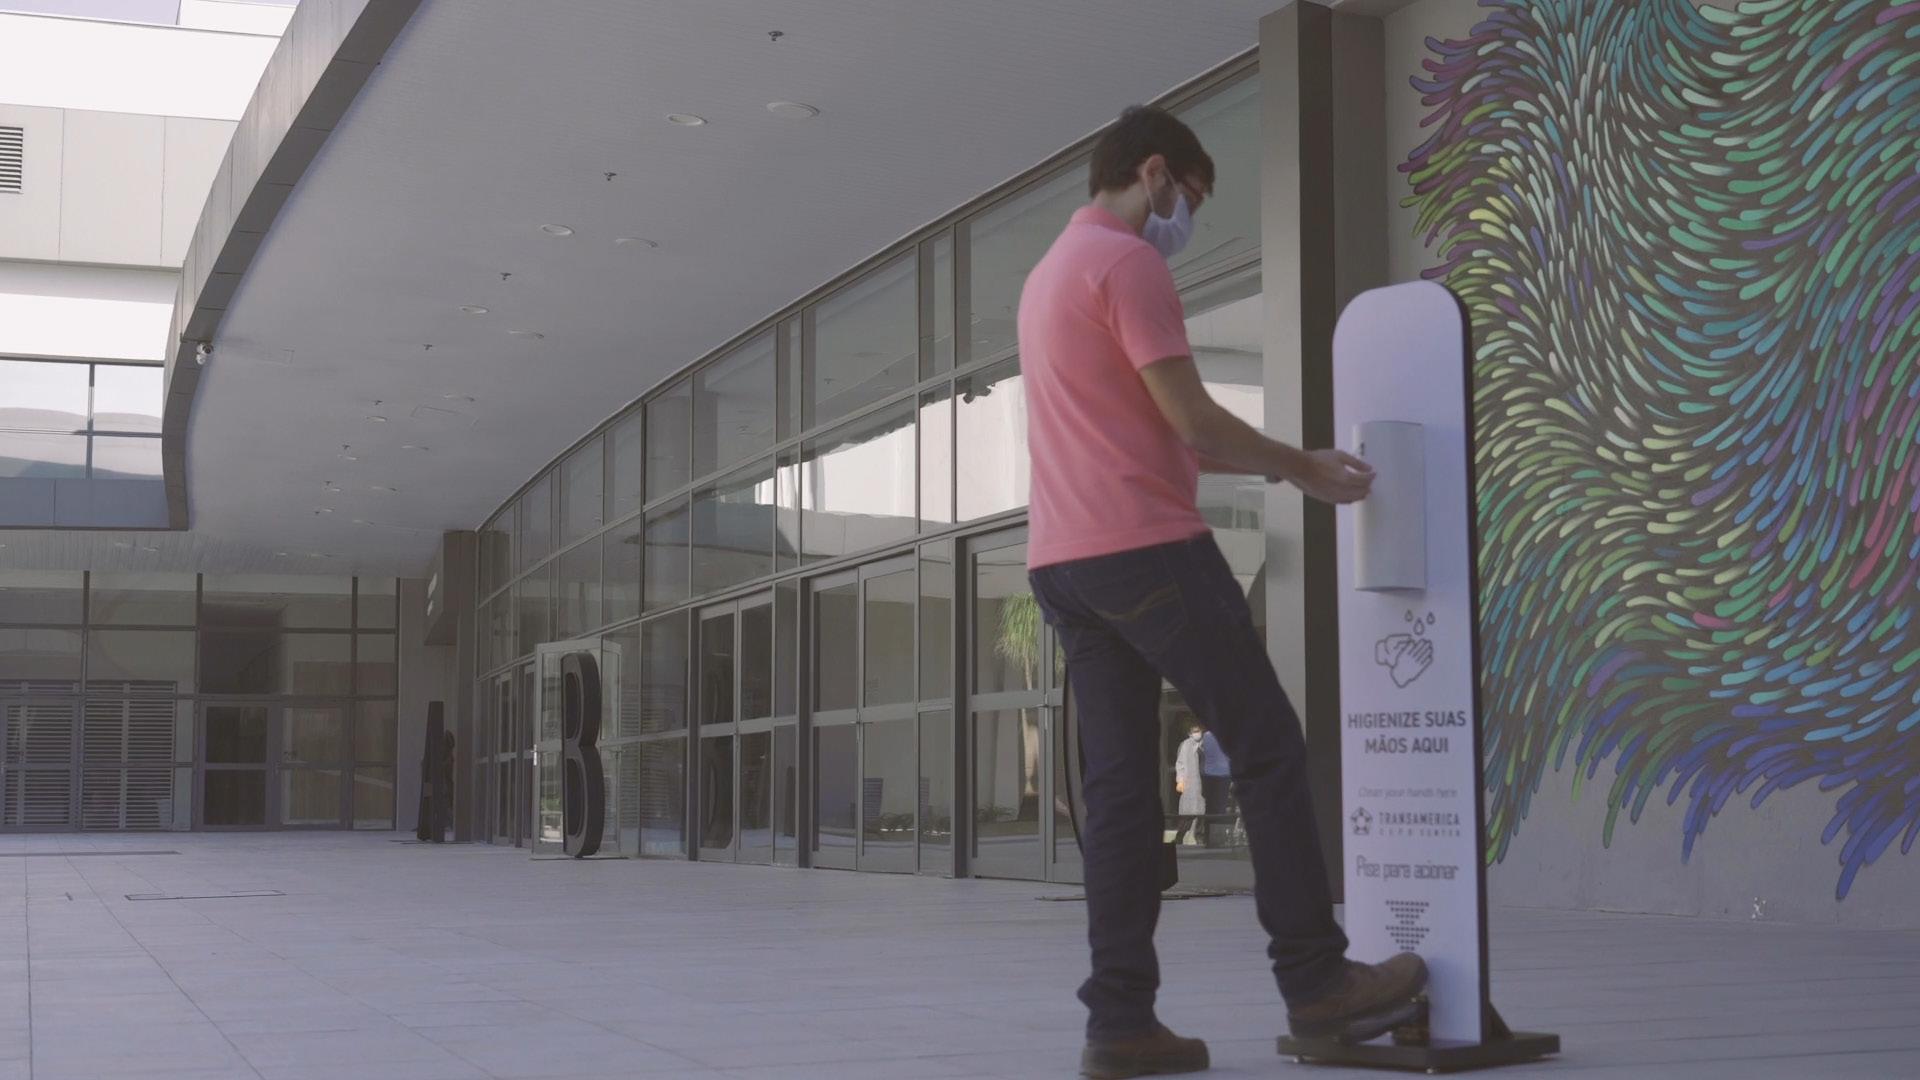 Centros de Convenções de SP divulgam vídeo com protocolos pós-COVID-19 -  Transamerica Expo Center